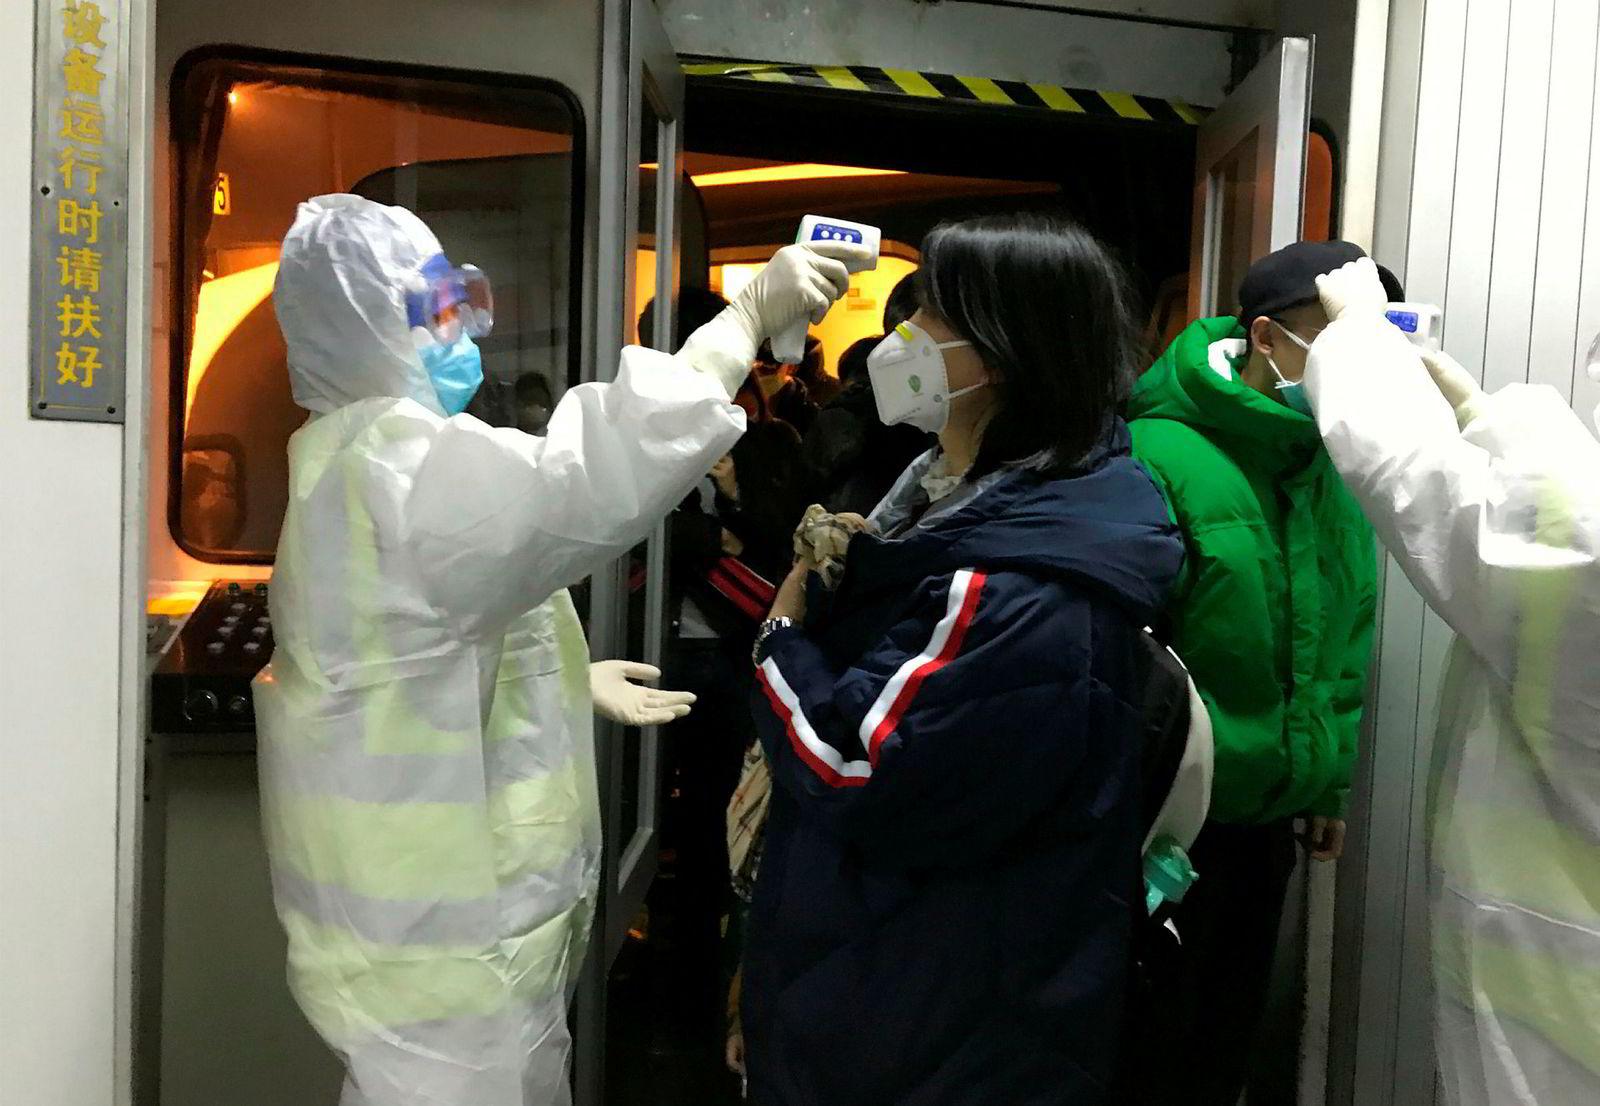 Reisende fra Wuhan sjekkes ved ankomst til Beijing. Fra torsdag morgen isoleres millionbyen. Dette skjer i håp om å begrense spredning av det dødelige coronaviruset.